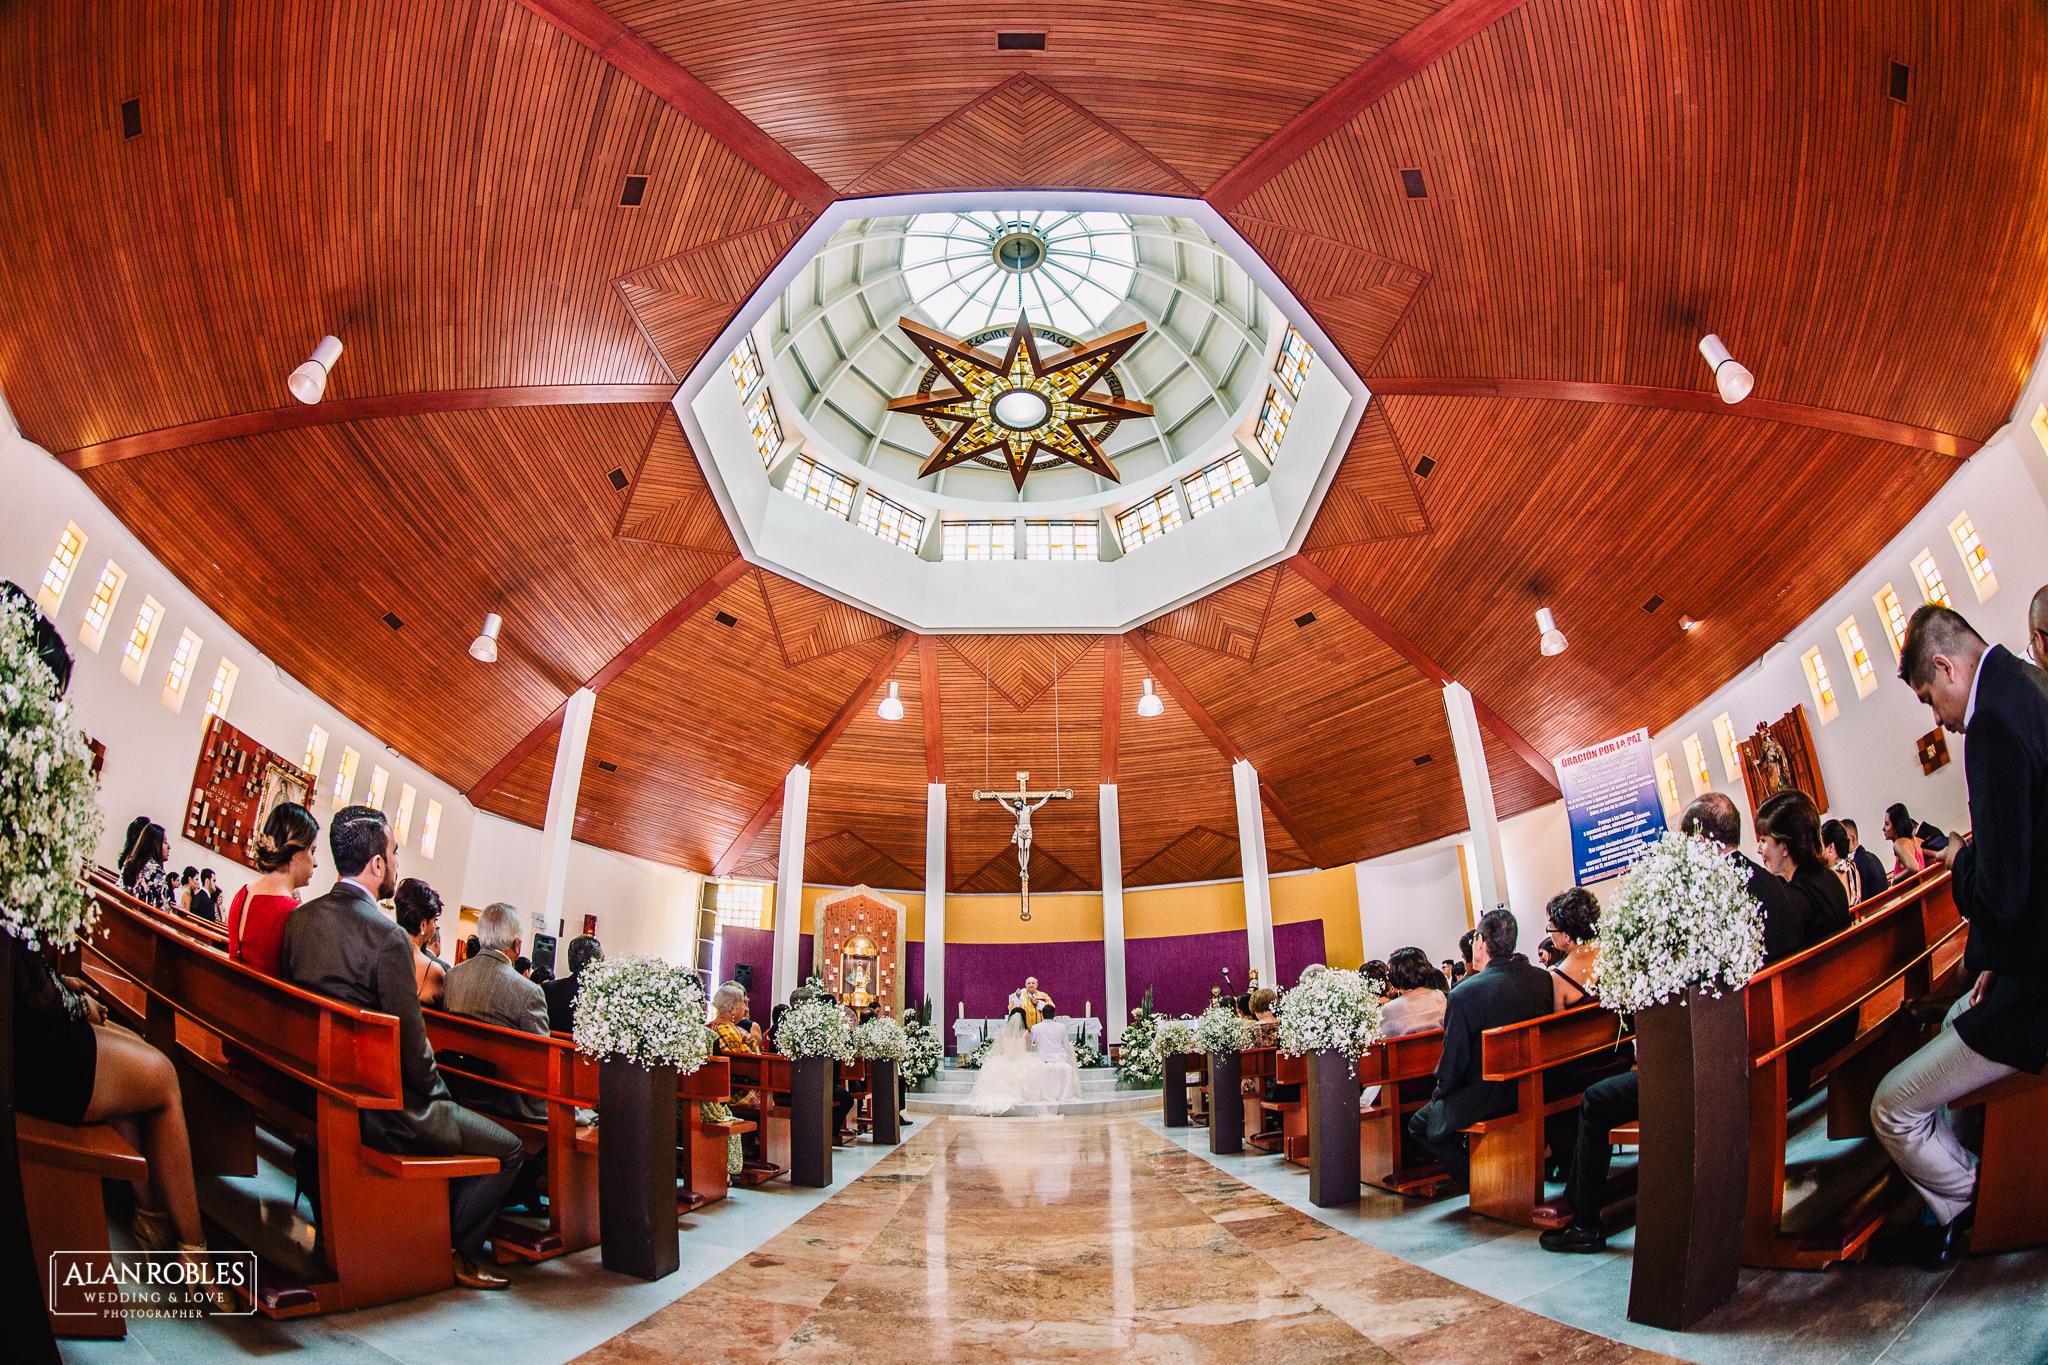 Novios en el altar en Parroquia de Nuestra señora de las bugambilias. Fotografia de Boda. Vista del interior. Fotografo de bodas Alan Robles en Guadalajara. Las mejores fotos de boda.